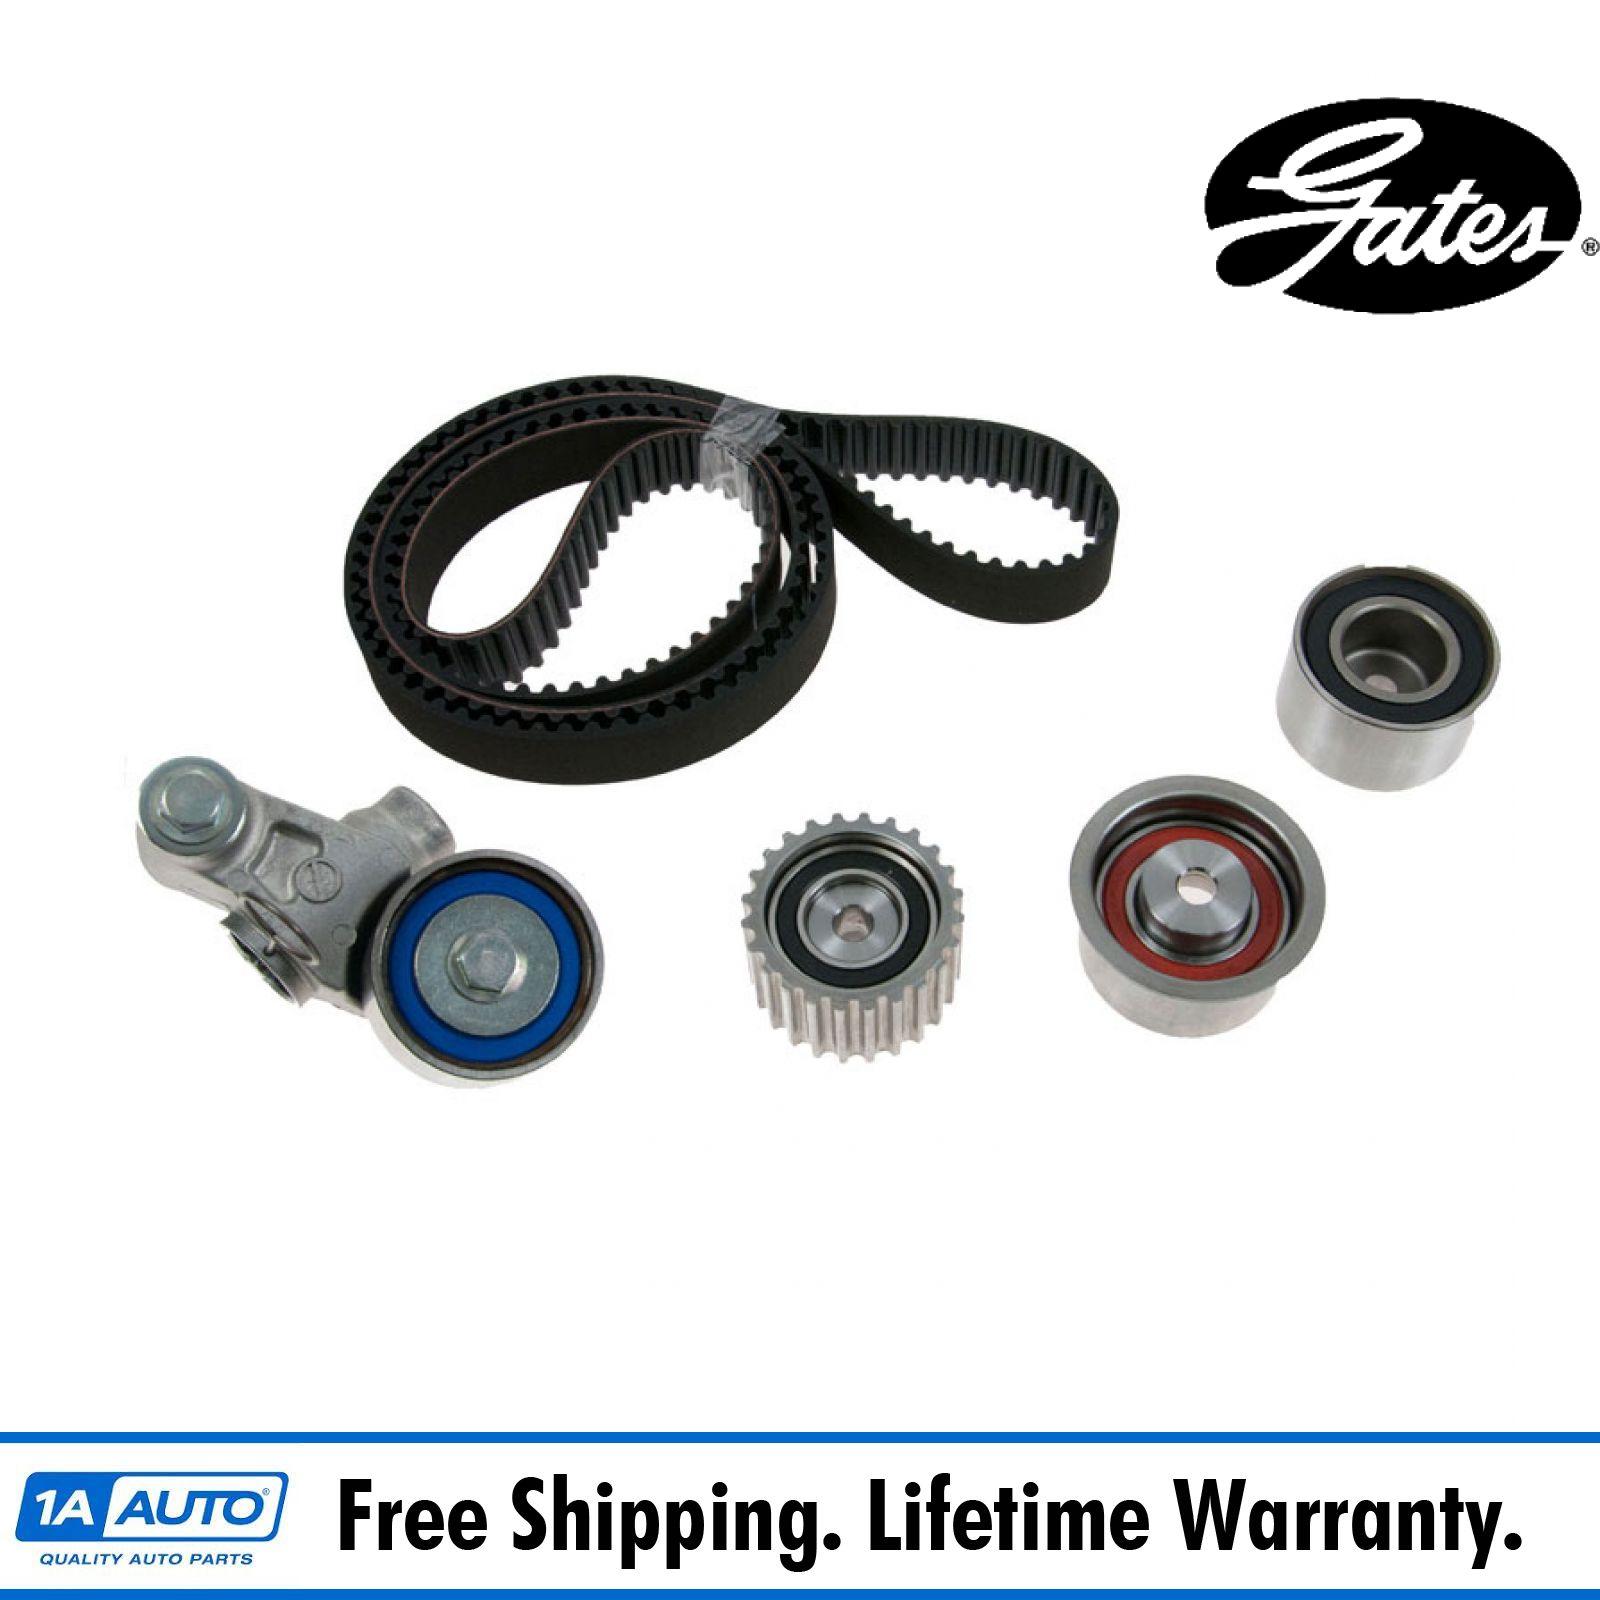 New Gates Engine Timing Set TCK304 Saab Subaru